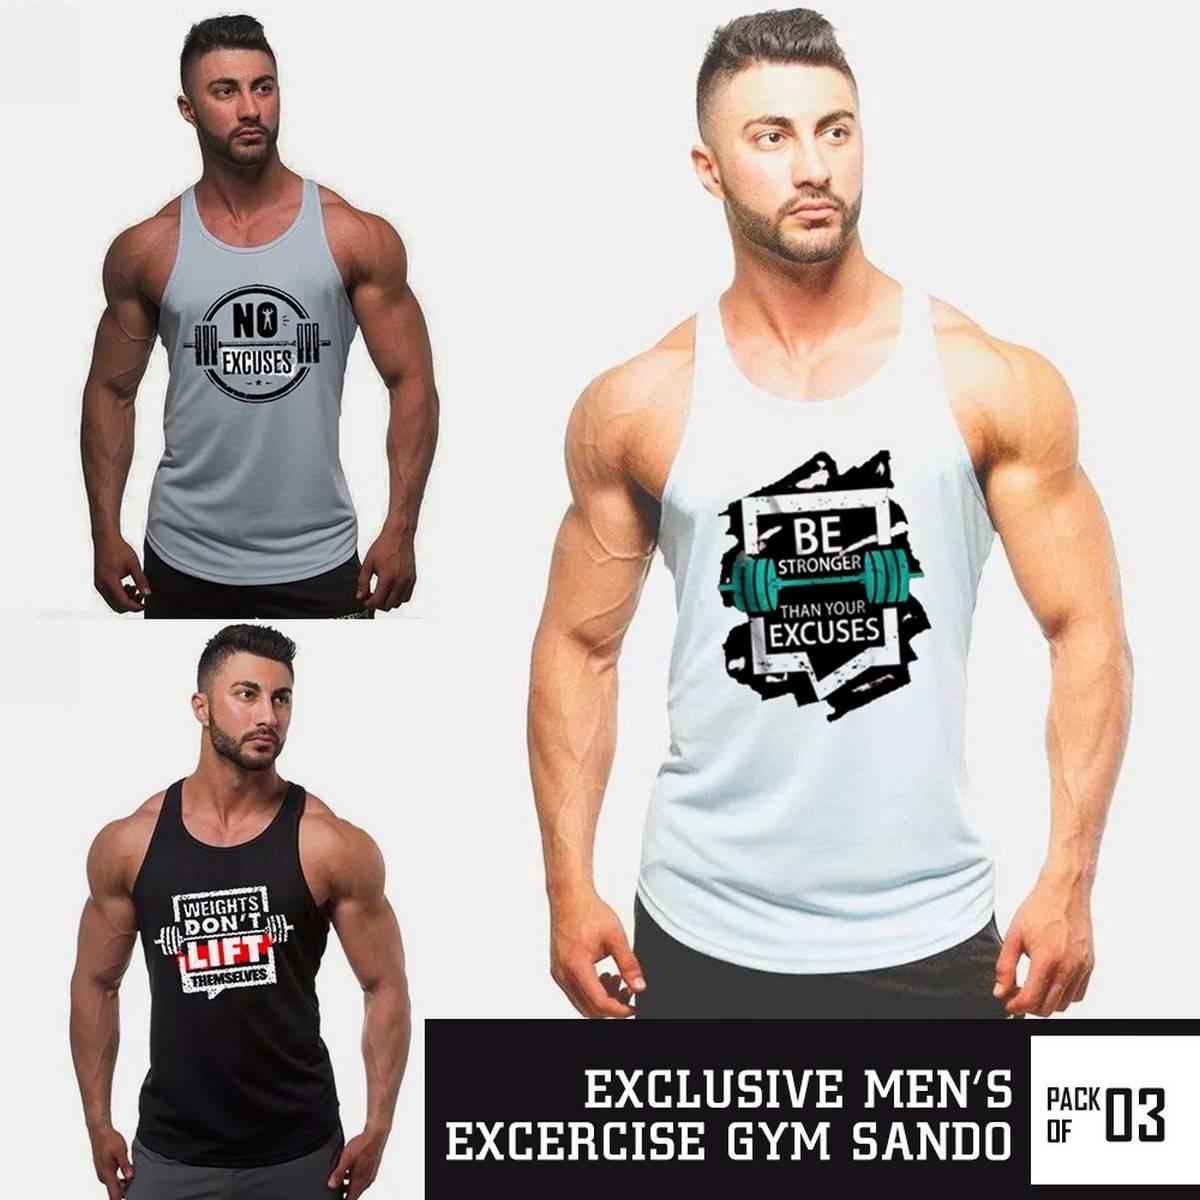 Bundle Of 3 Muscular Gym Sandos  Gym Shirts  Gym Wear  Gym Suit  Gym Sandos